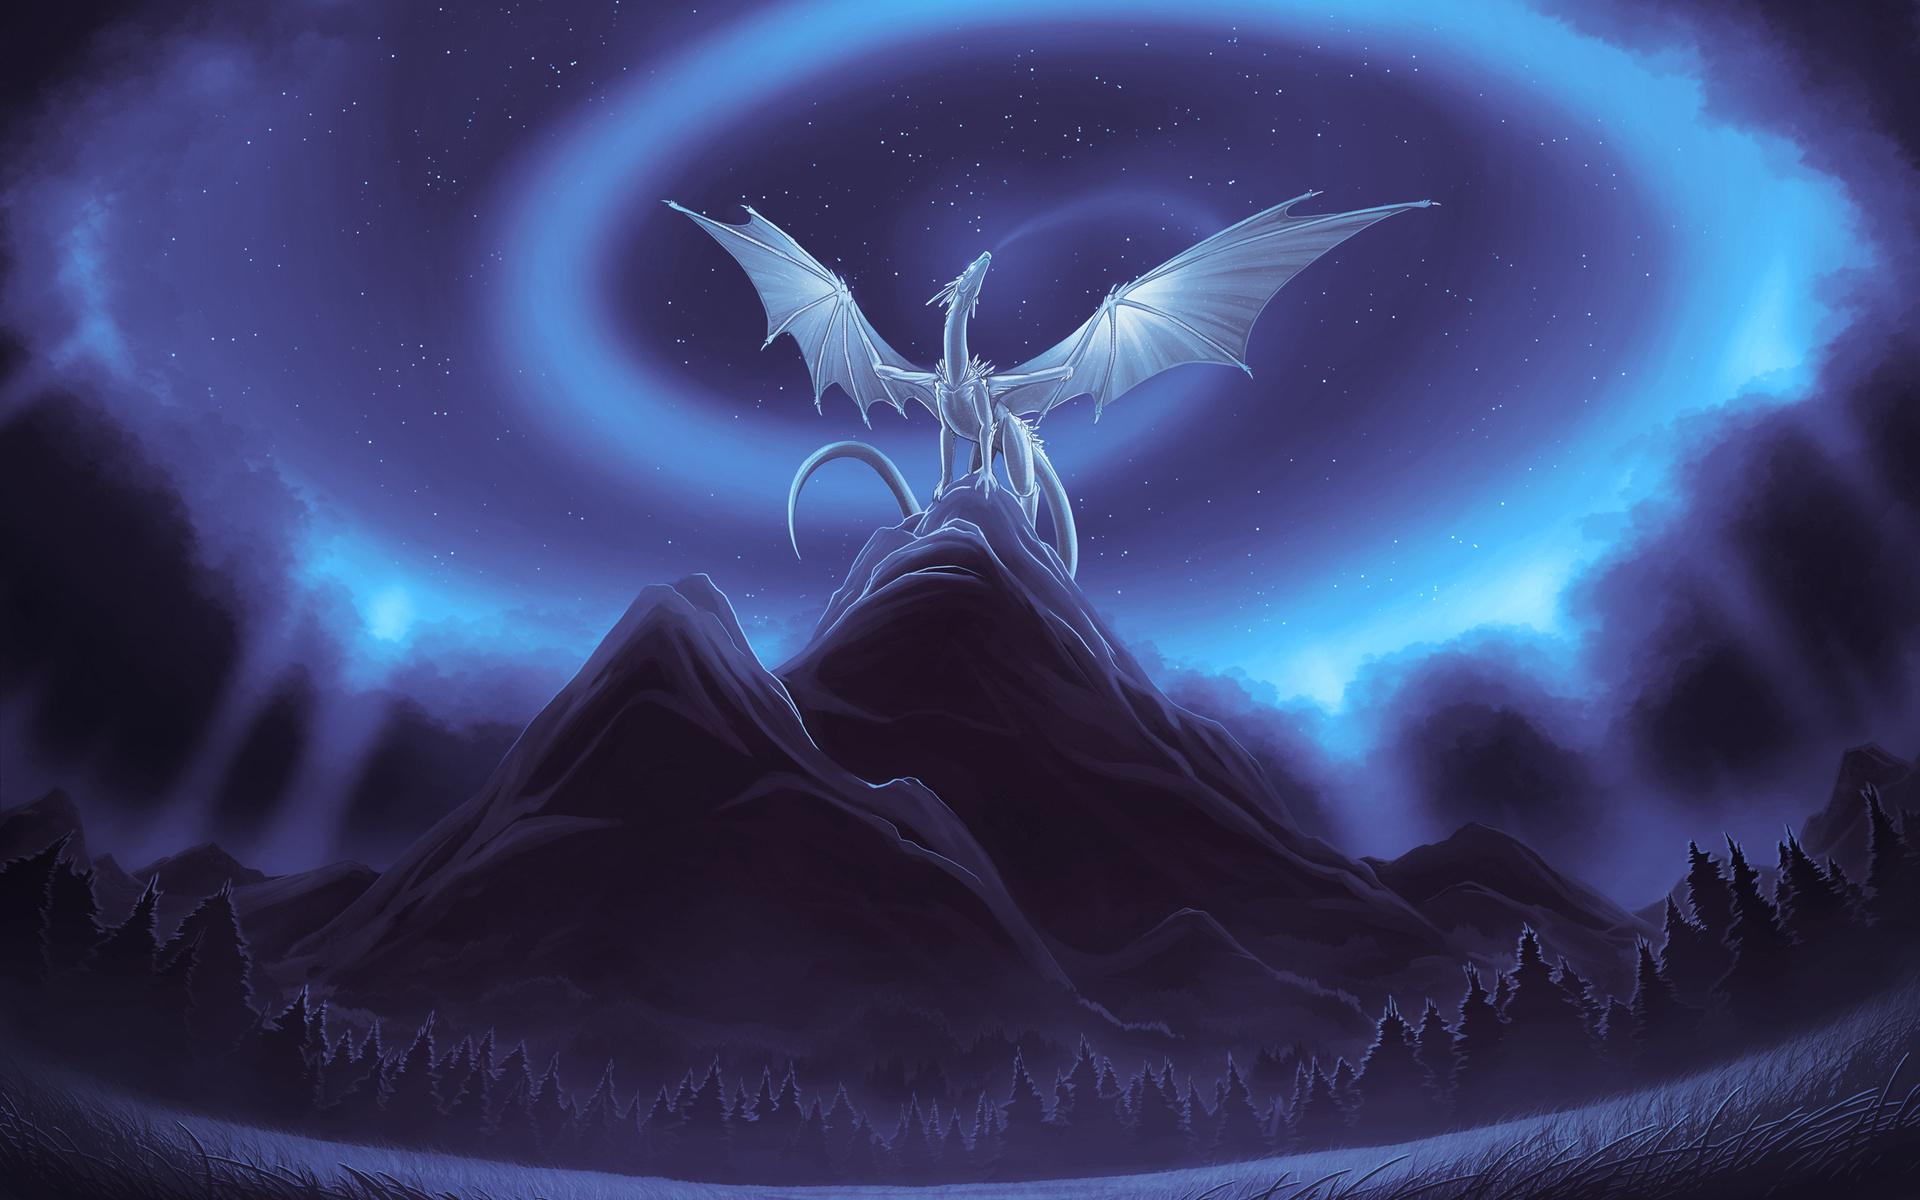 14345 Hintergrundbild herunterladen Fantasie, Dragons - Bildschirmschoner und Bilder kostenlos